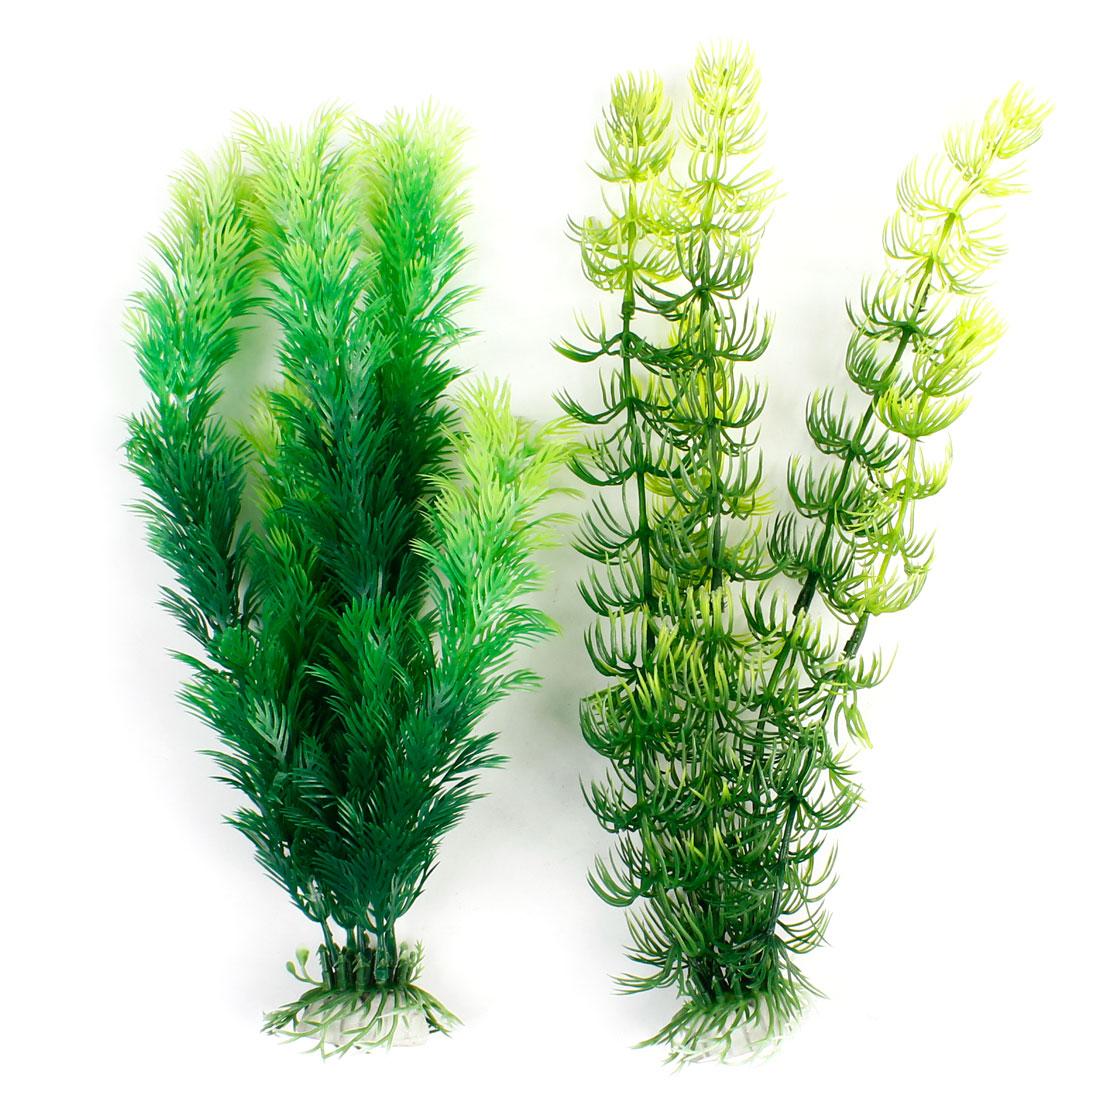 Green Plastic Underwater Weeds Plant 2 Pcs for Fish Tank Aquarium